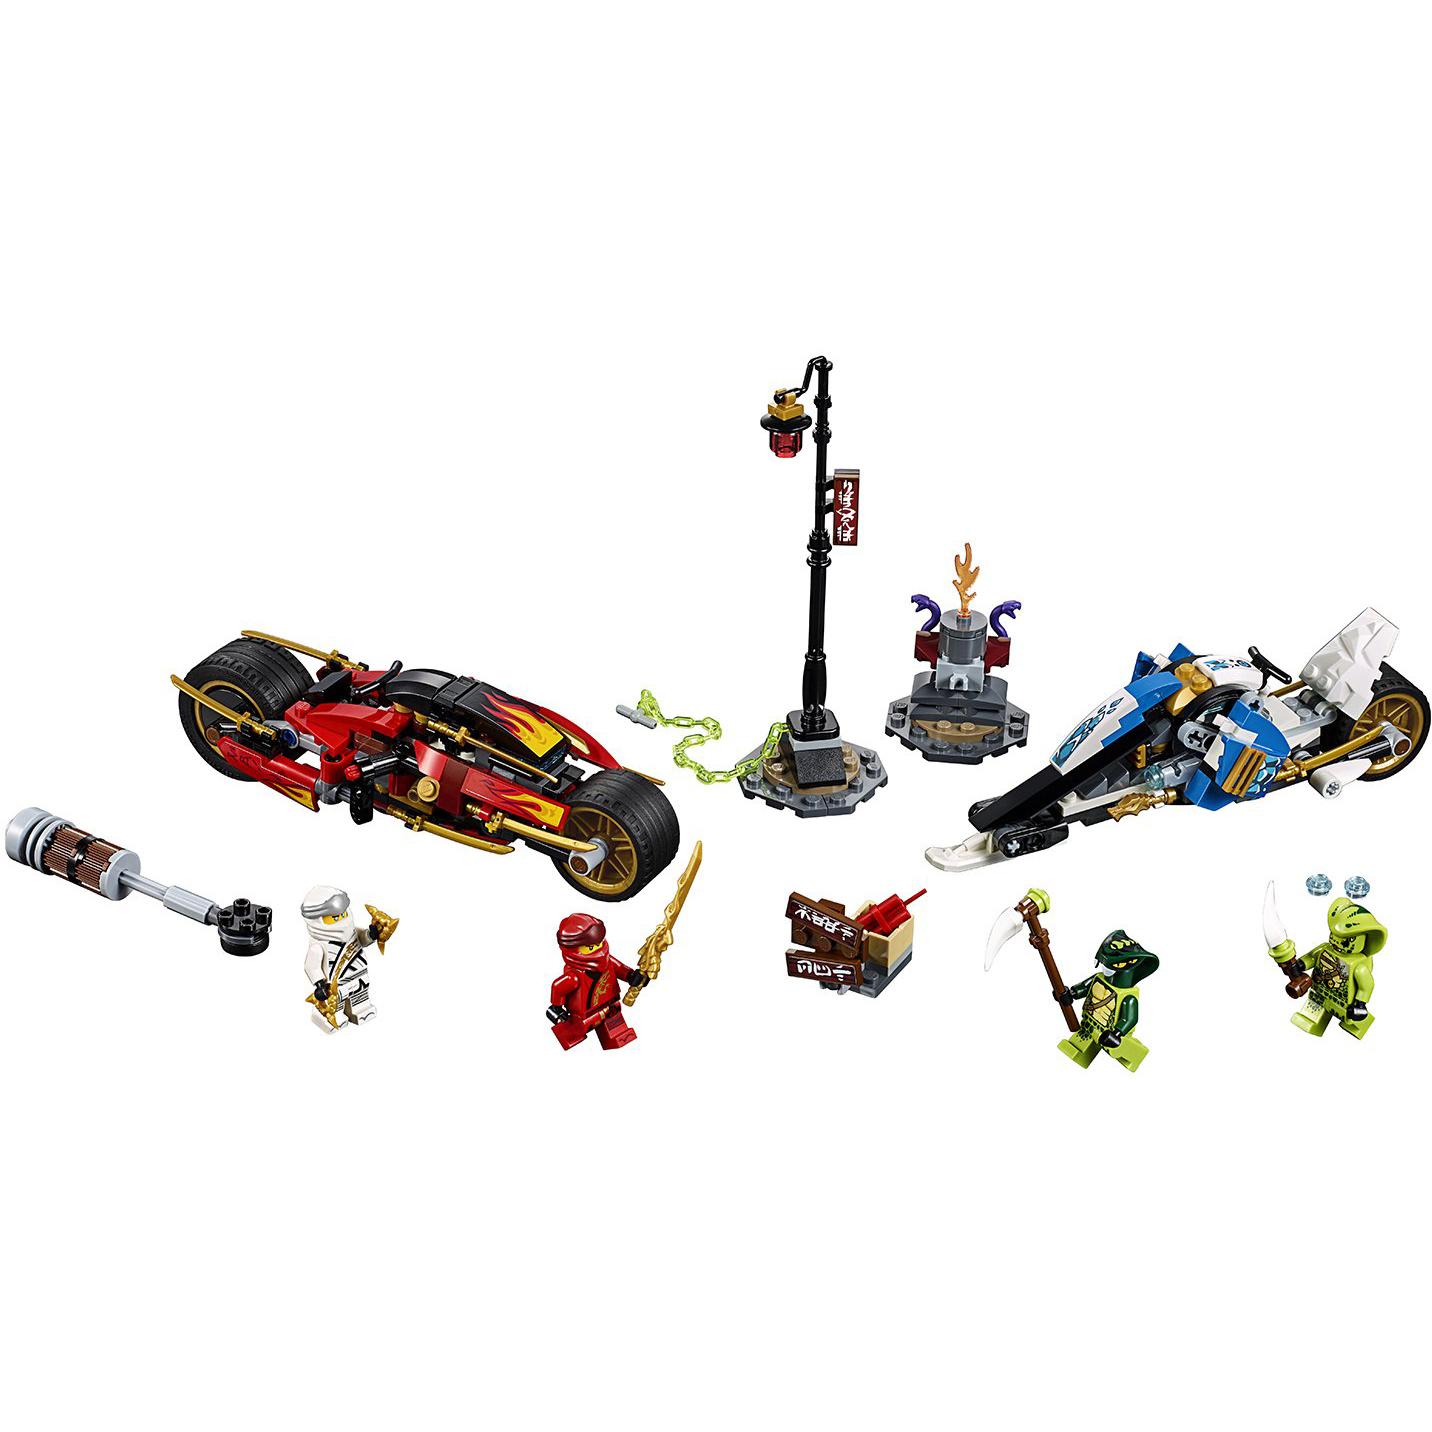 Купить Конструктор Lego Ninjago Мотоцикл-клинок Кая и снегоход Зейна 70667, пластик, для мальчиков, Конструкторы, пазлы